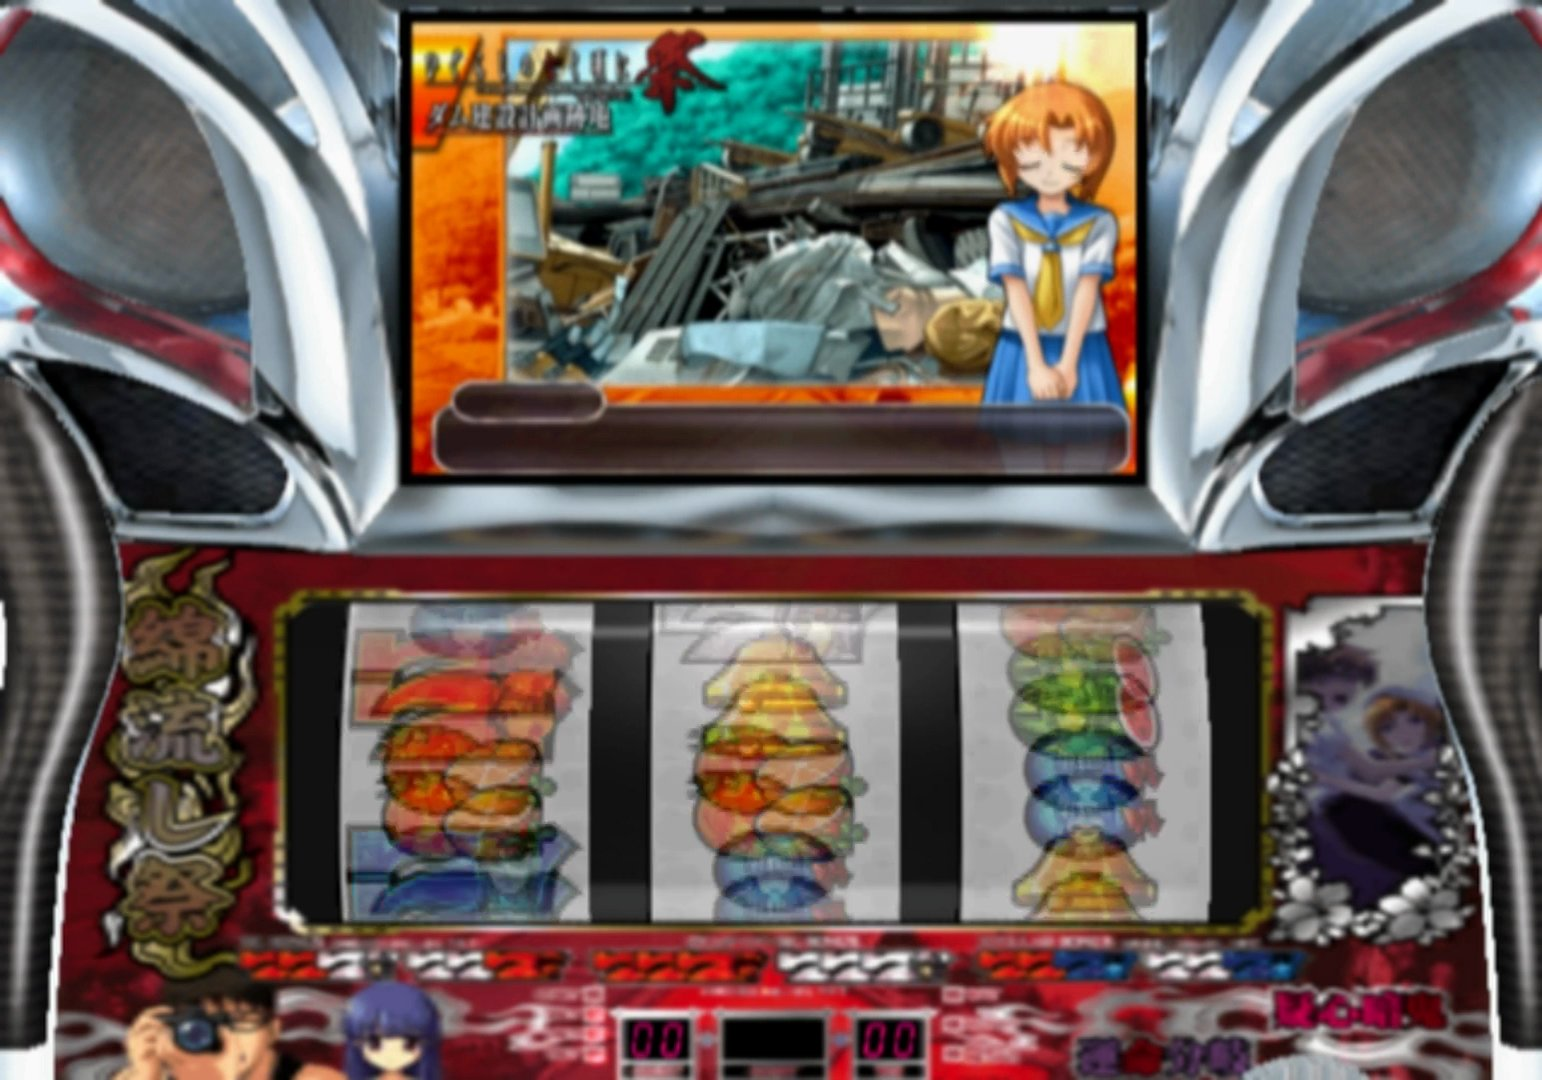 Pachi-Slot Higurashi no Naku Koro ni Matsuri Gameplay HD 1080p PS2